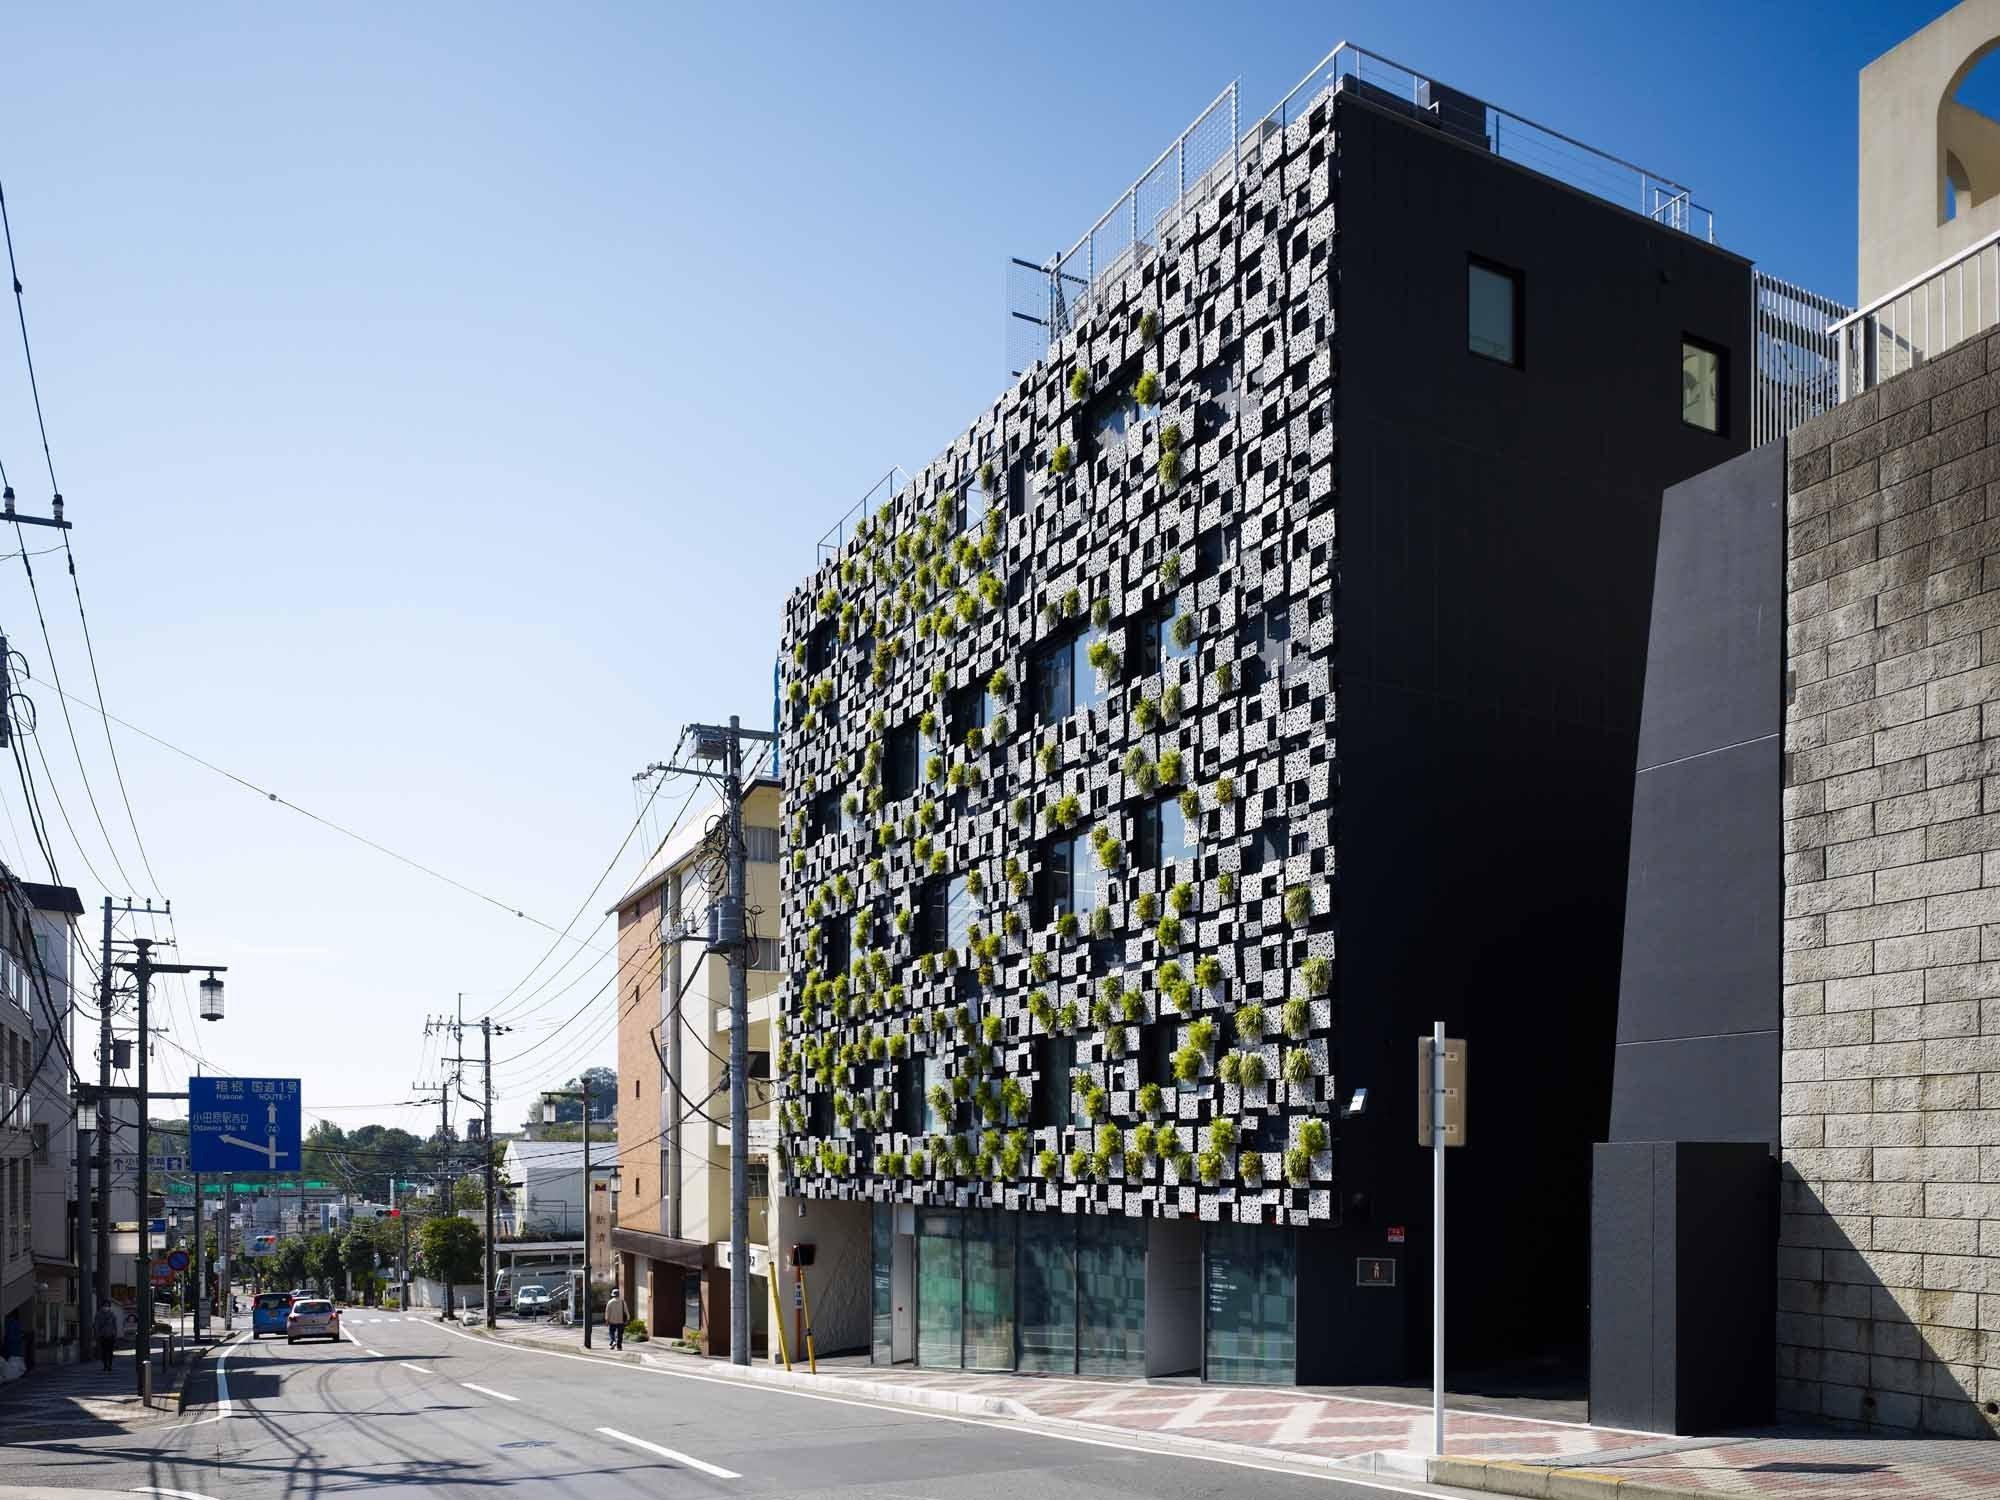 Schwarze Fassade wohn und geschäftshaus green cast in odawara j fassade büro